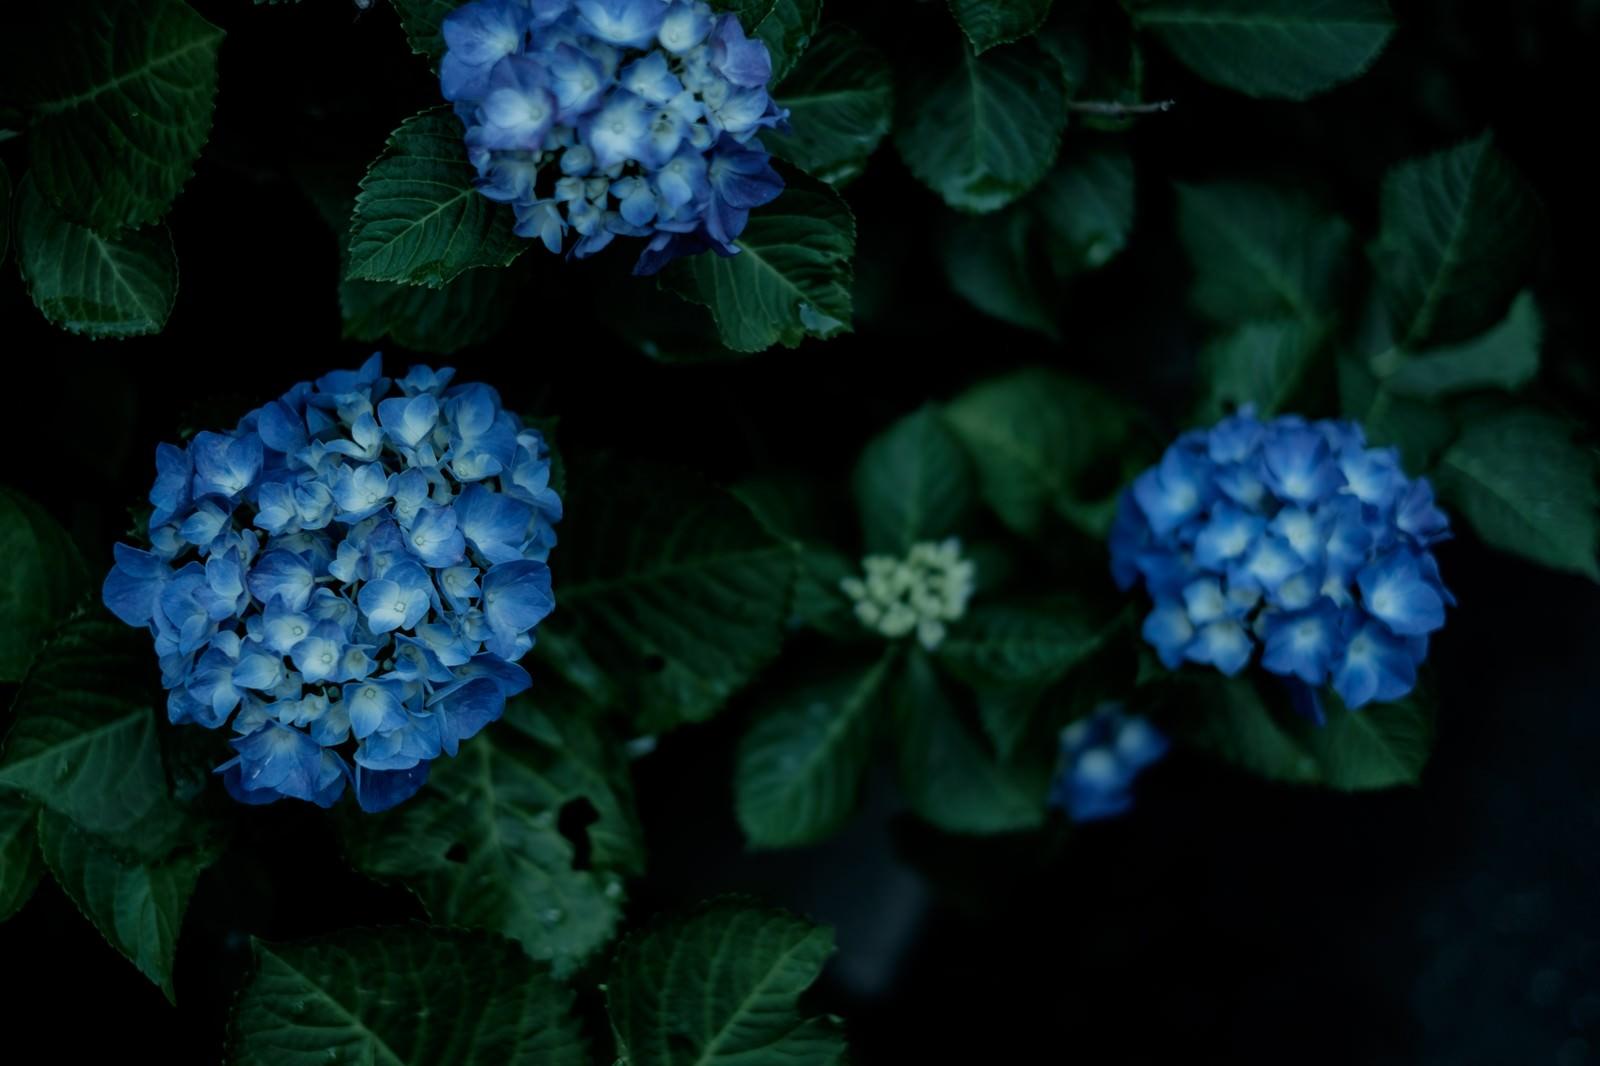 「青いあじさいの花青いあじさいの花」のフリー写真素材を拡大